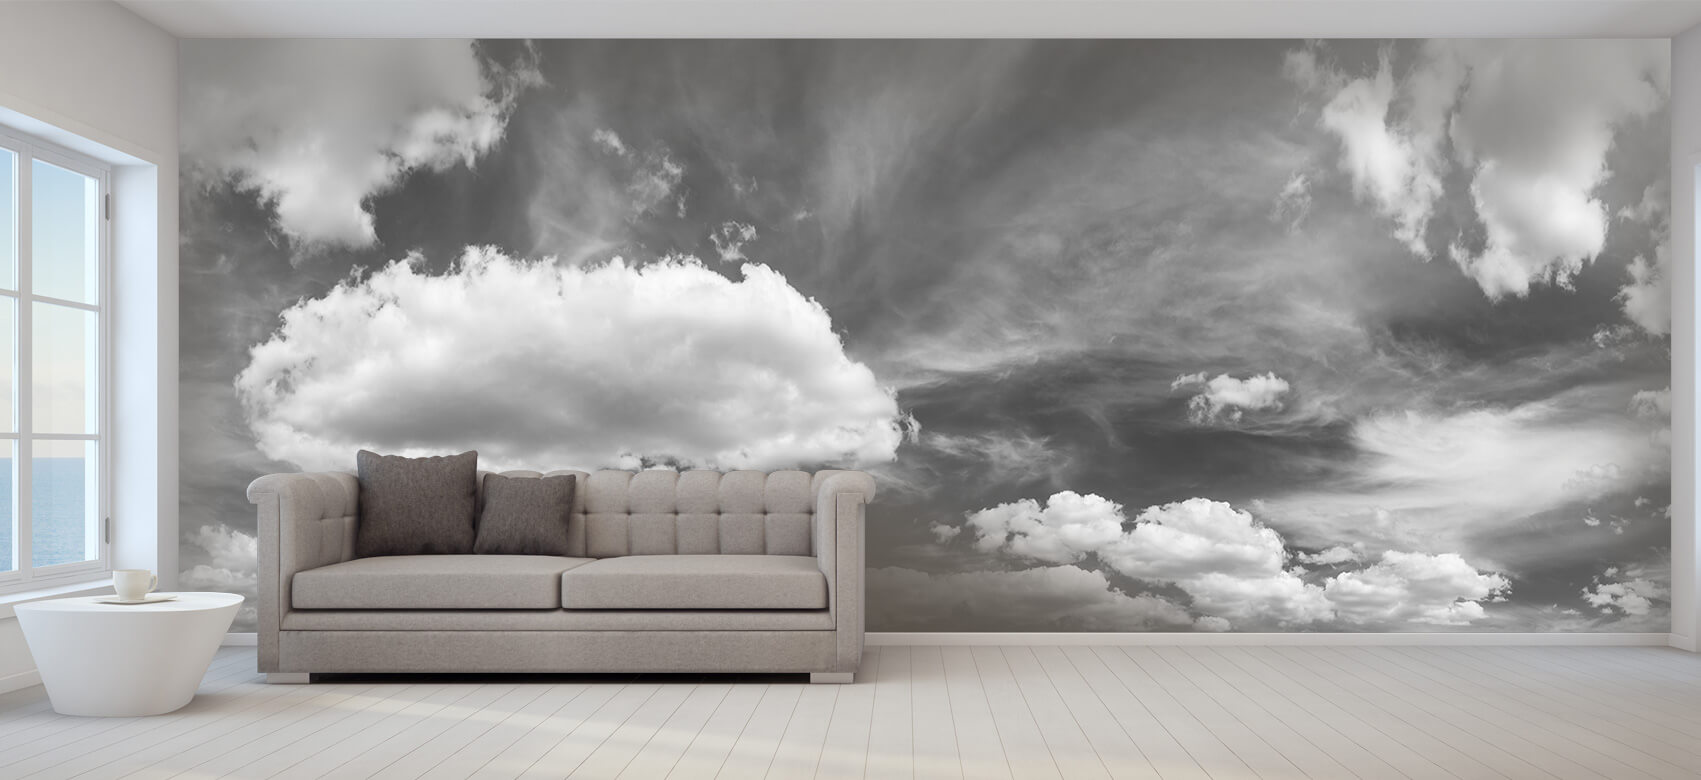 Natuur Blauwe lucht met wolken 9